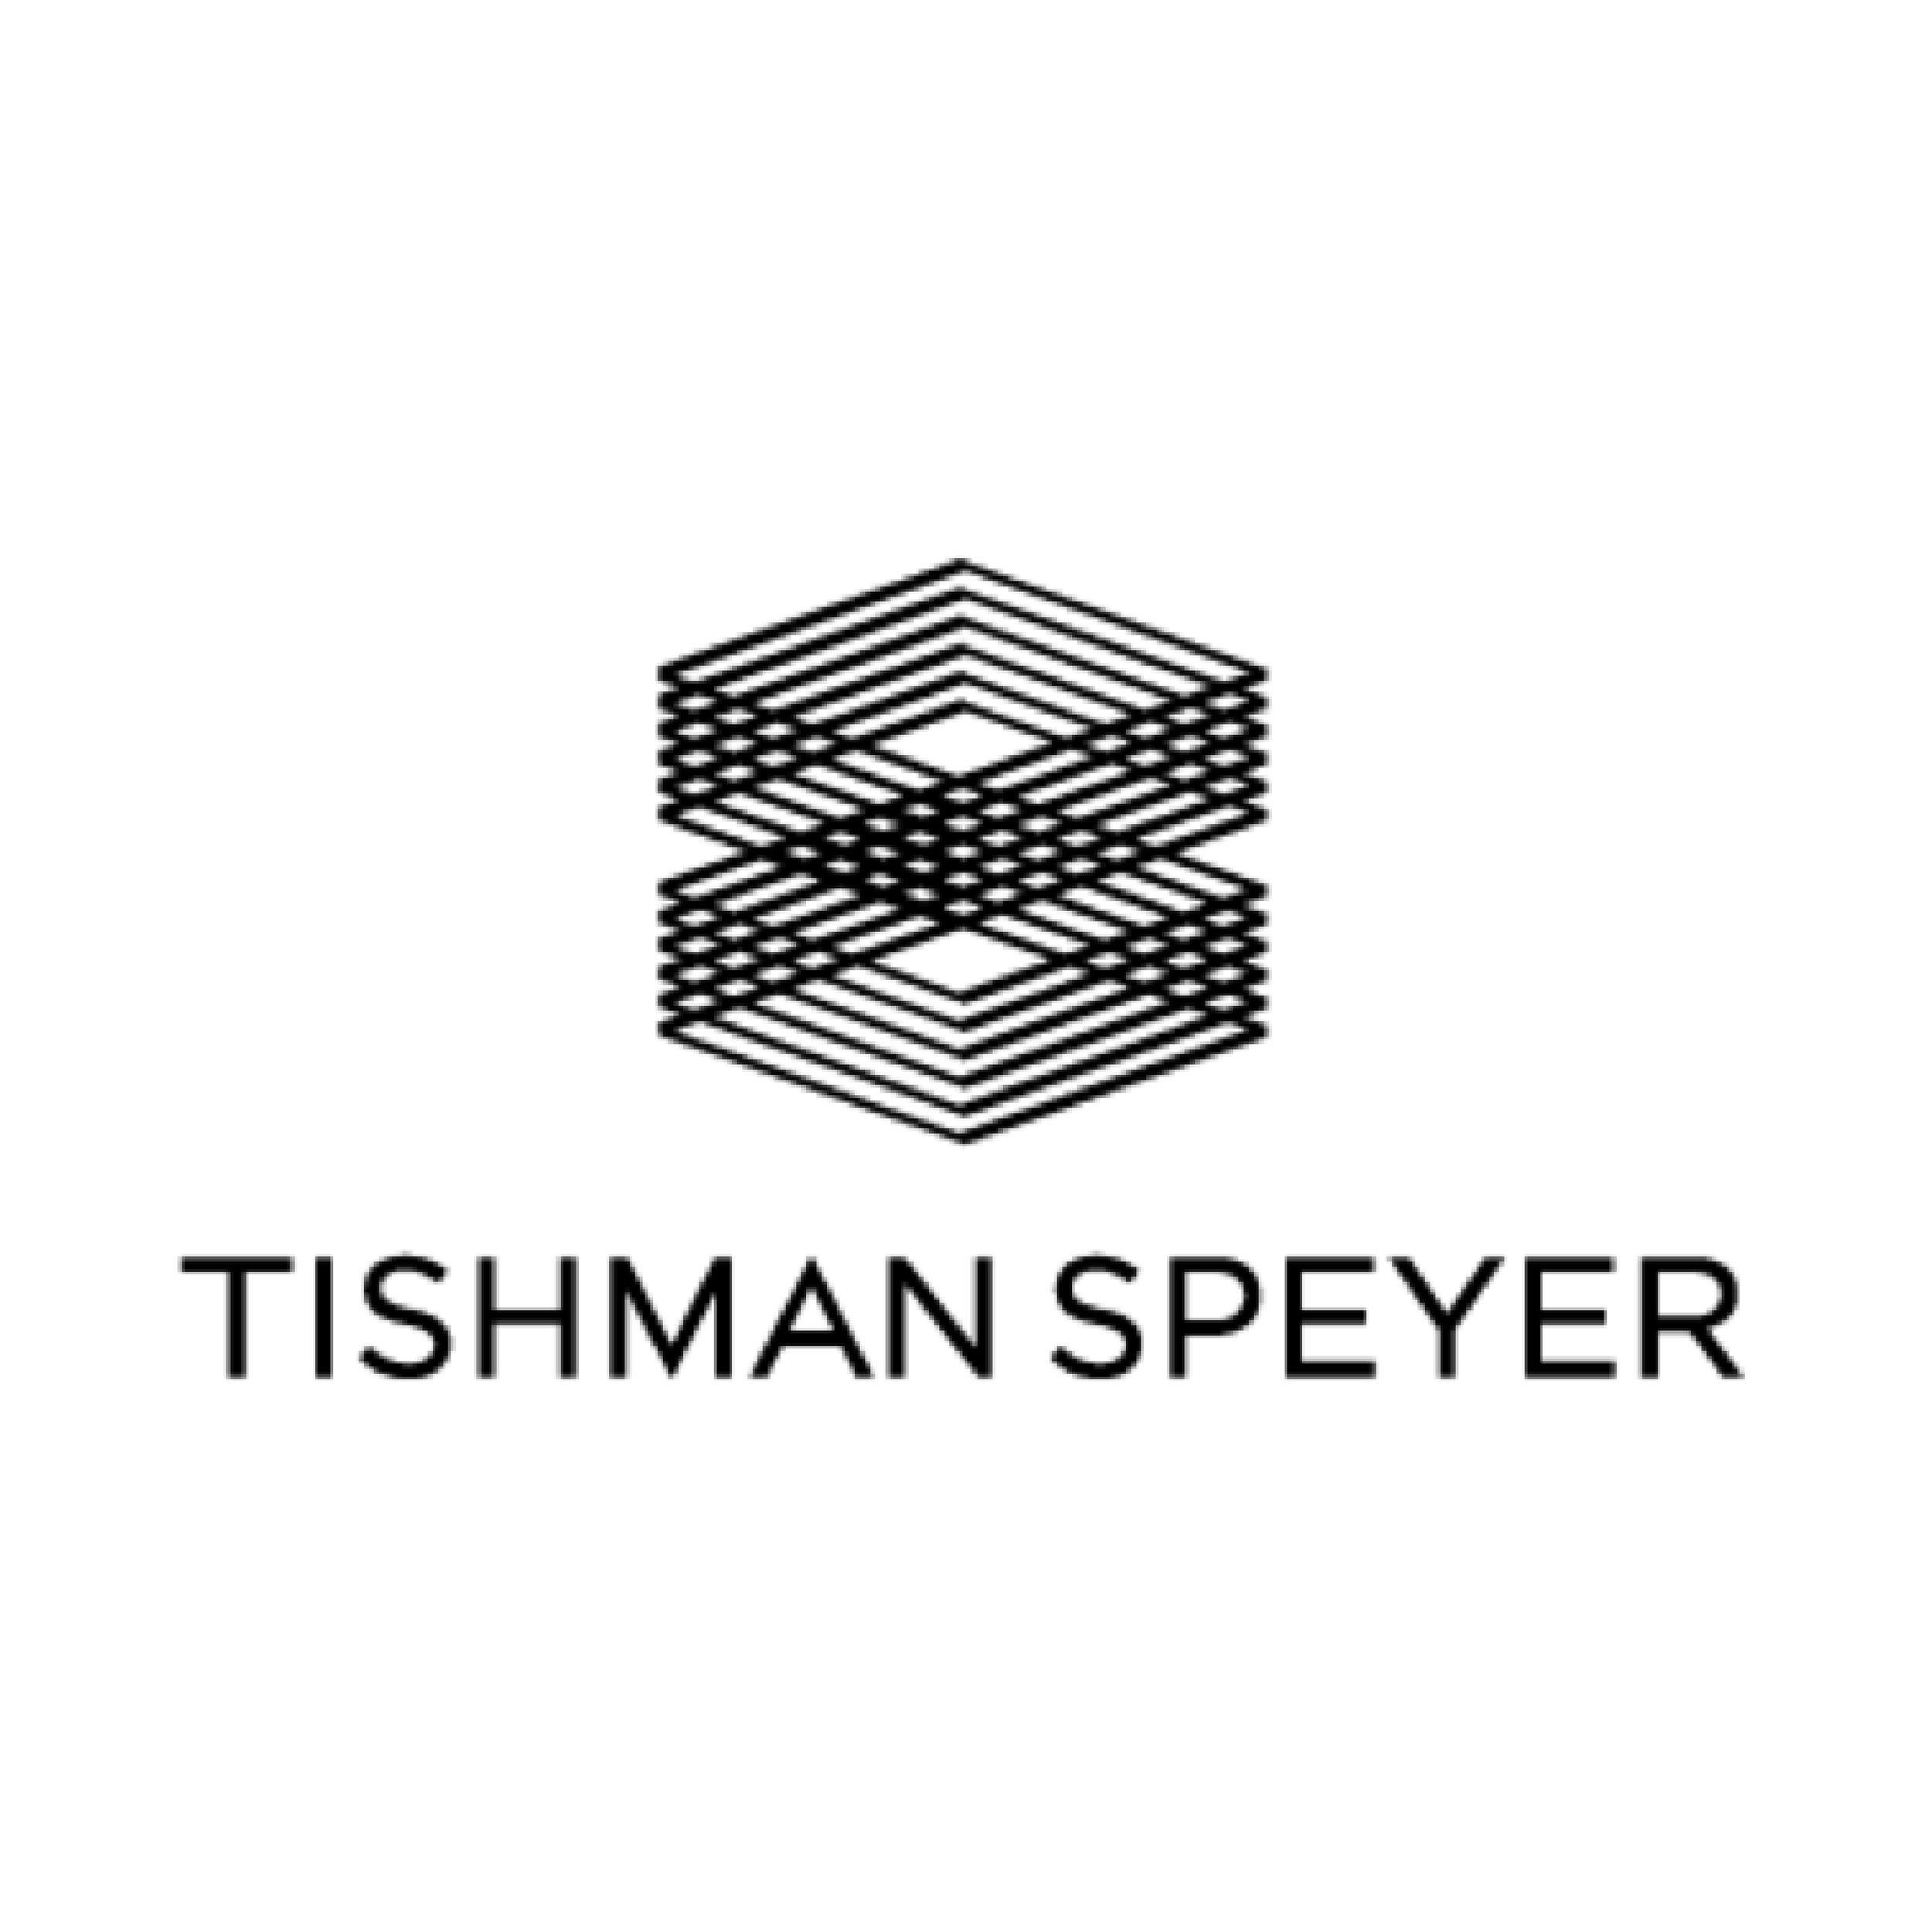 Tishman Speyer.jpg